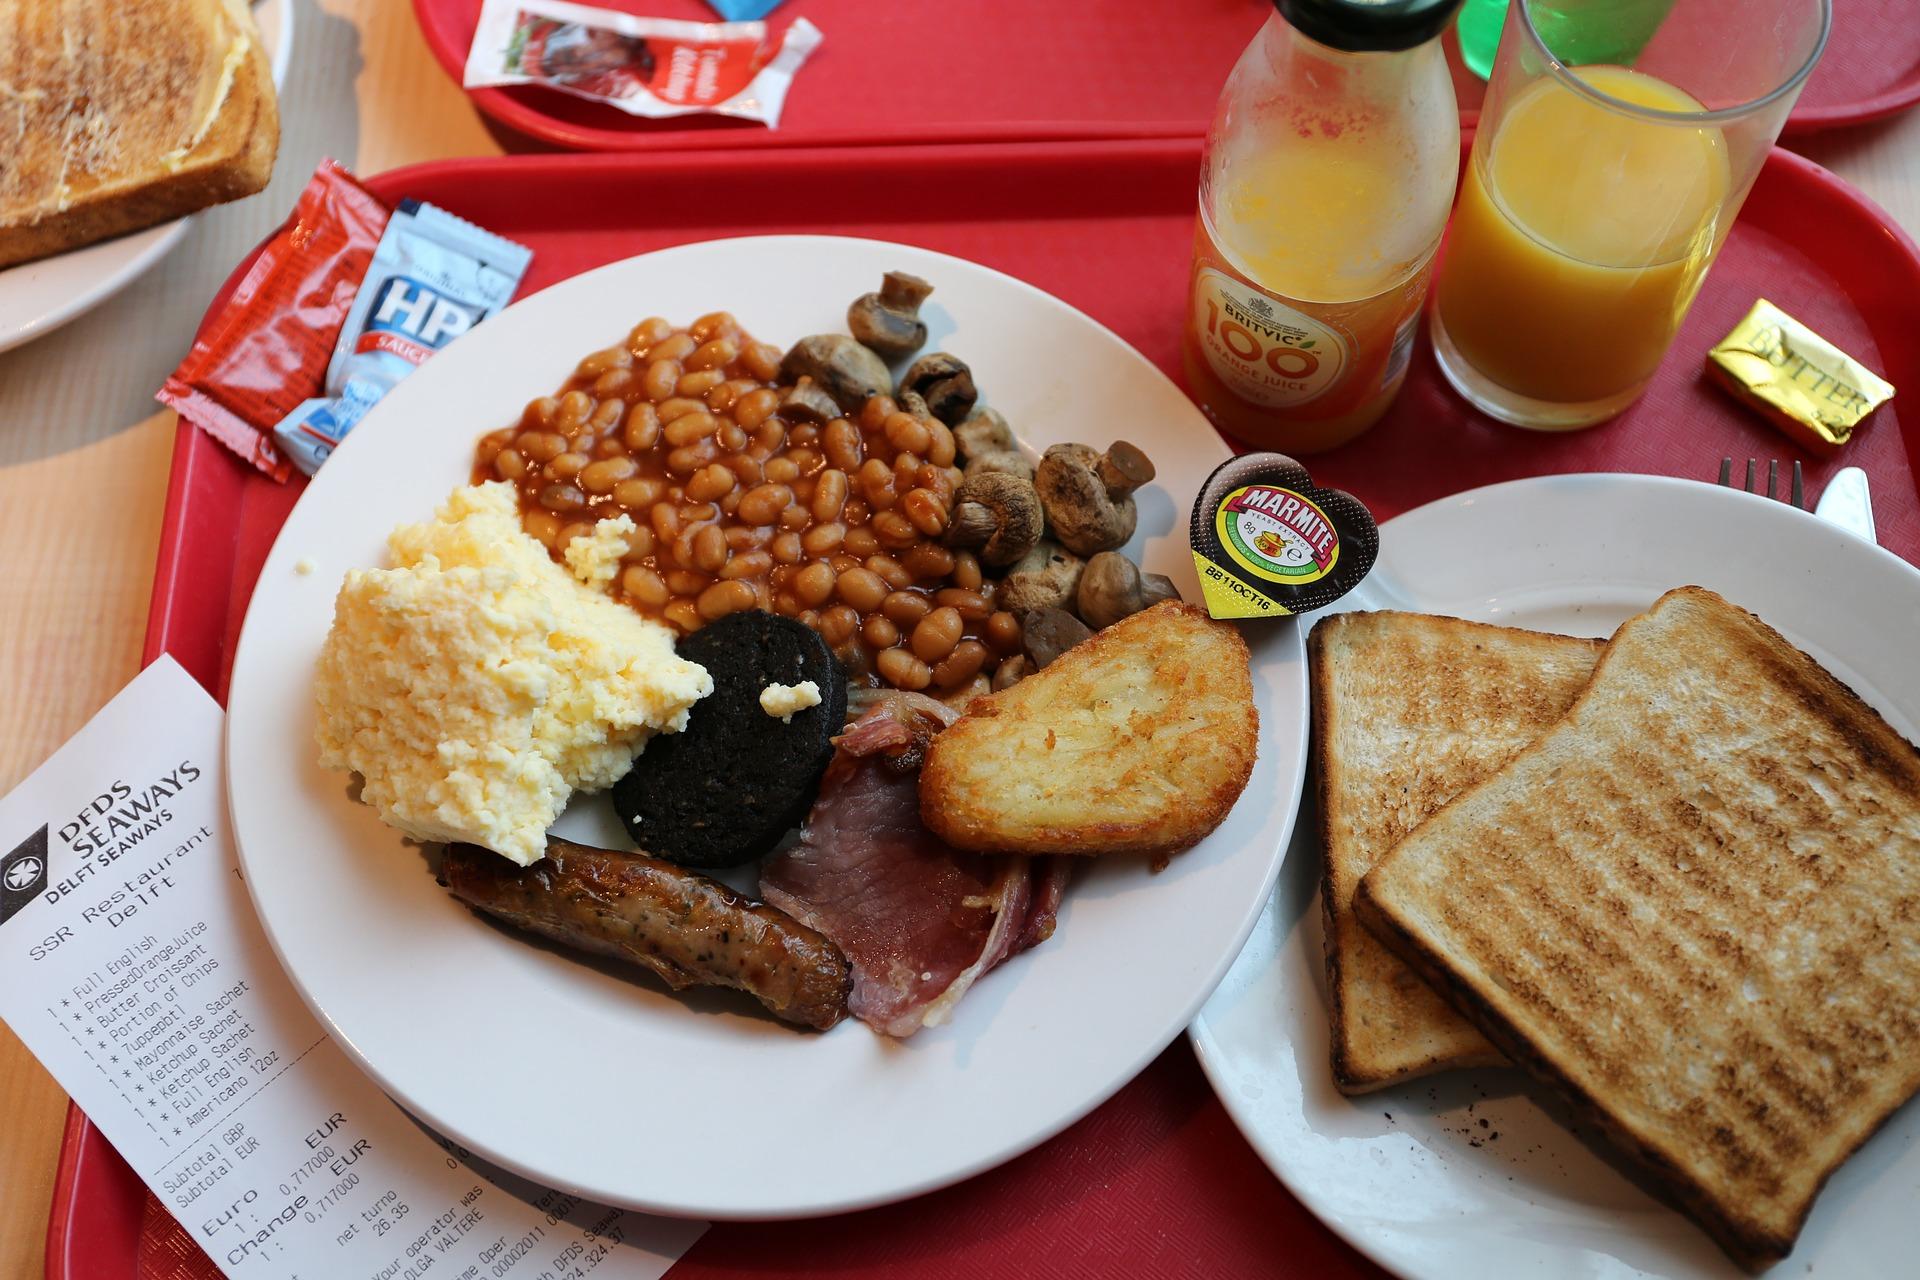 スターゲイザーパイはまずいって本当?不思議なイギリス料理を大紹介!